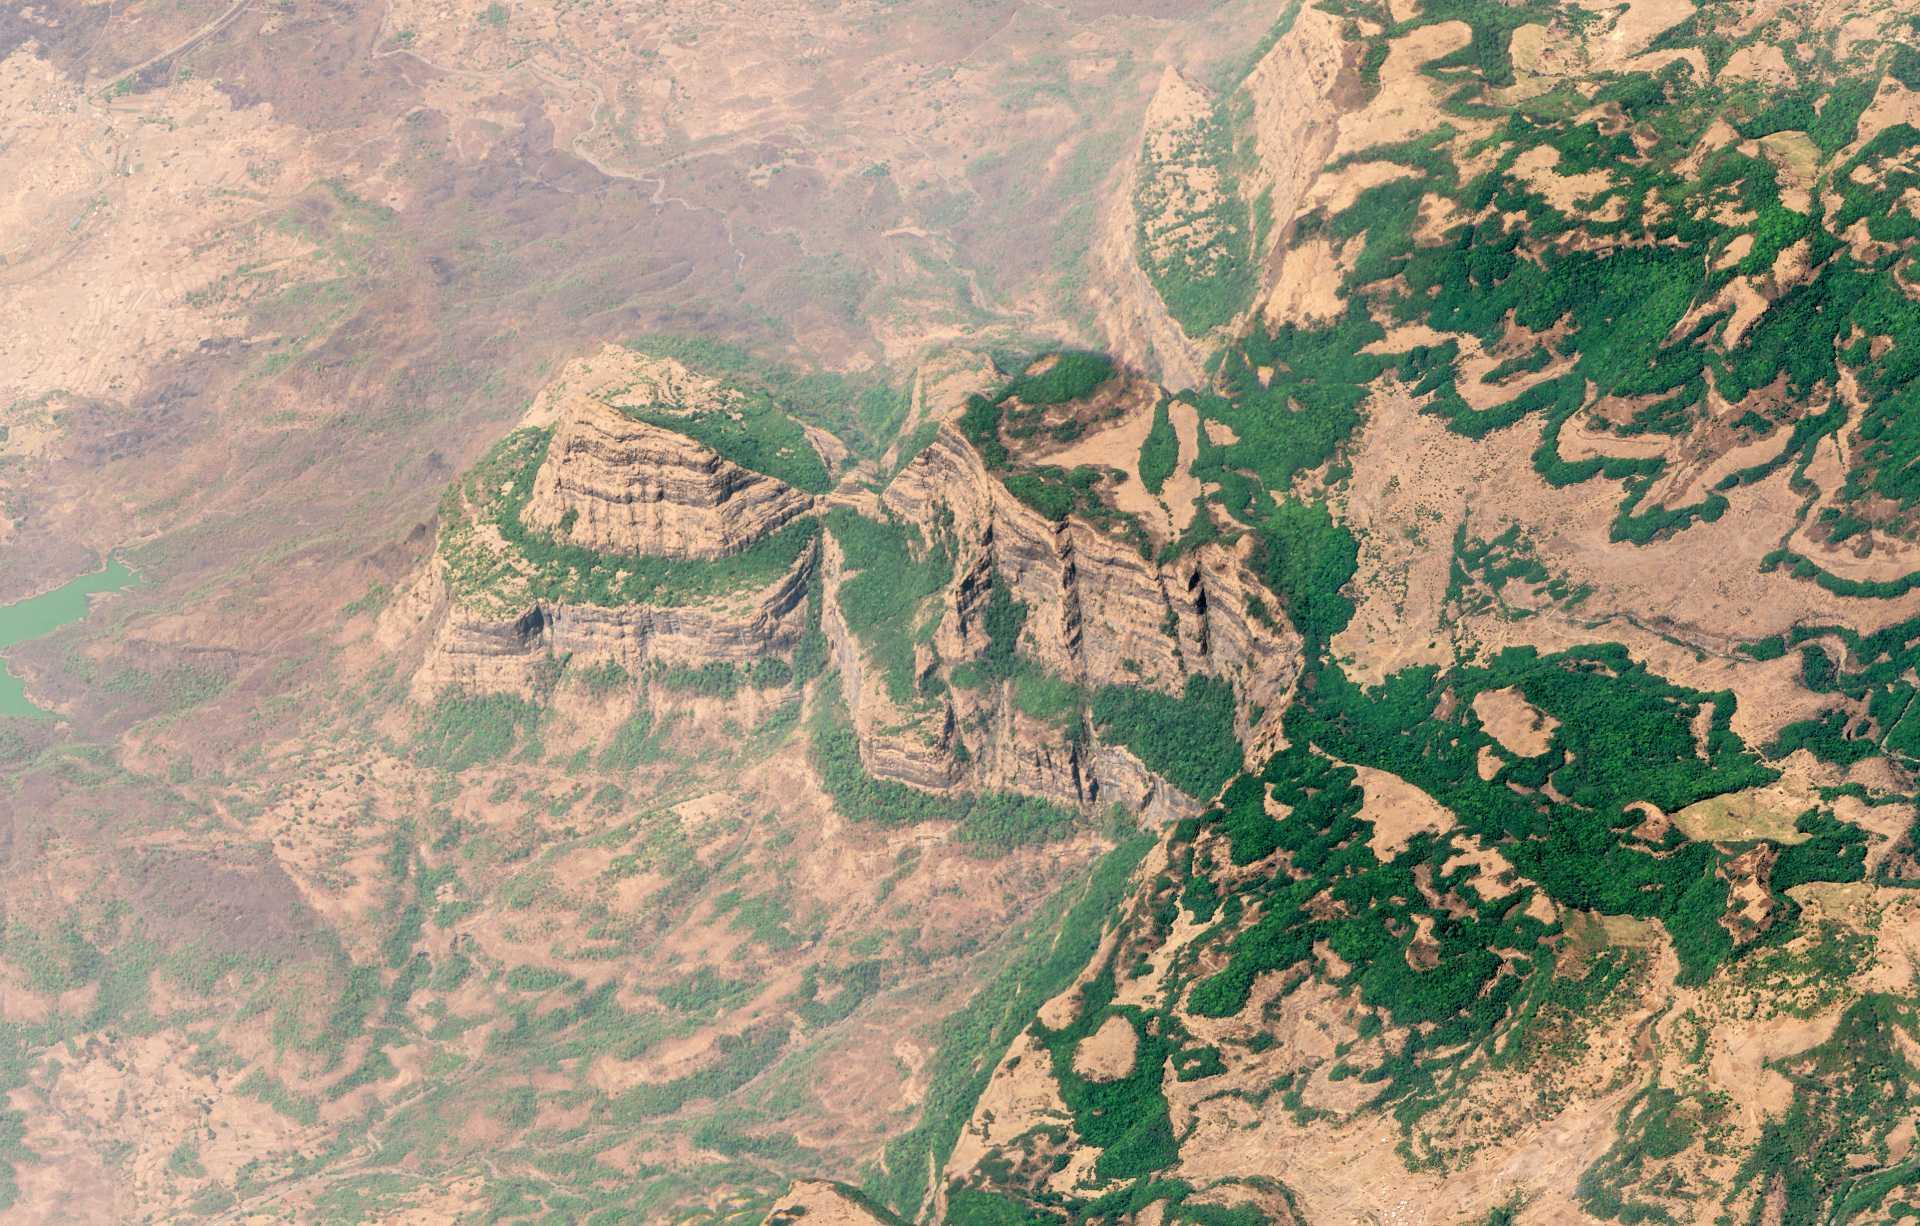 La tierra en perspectiva  - 03 planet 32